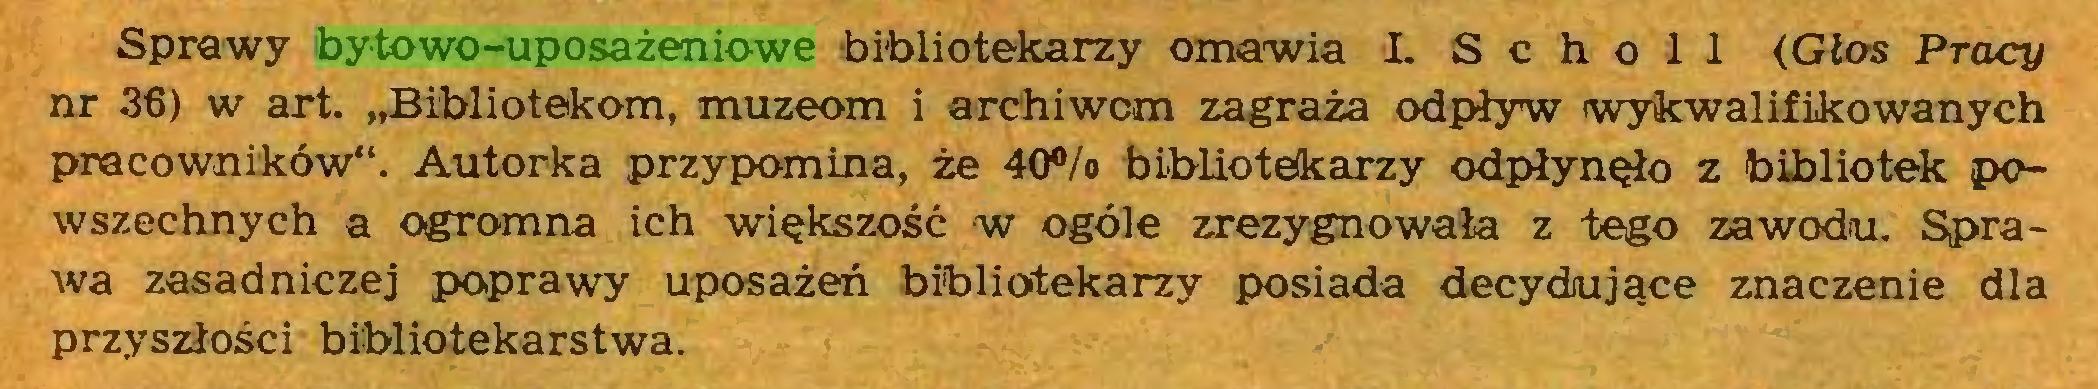 """(...) Sprawy bytowo-uposażeniowe bibliotekarzy omawia L S c h o 1 1 (Głos Pracy nr 36) w art. """"Bibliotekom, muzeom i archiwom zagraża odpływ wykwalifikowanych pracowników'1. Autorka przypomina, że 40% bibliotekarzy odpłynęło z bibliotek powszechnych a ogromna ich większość w ogóle zrezygnowała z tego zawodu. Sprawa zasadniczej poprawy uposażeń bibliotekarzy posiada decydujące znaczenie dla przyszłości bibliotekarstwa..."""